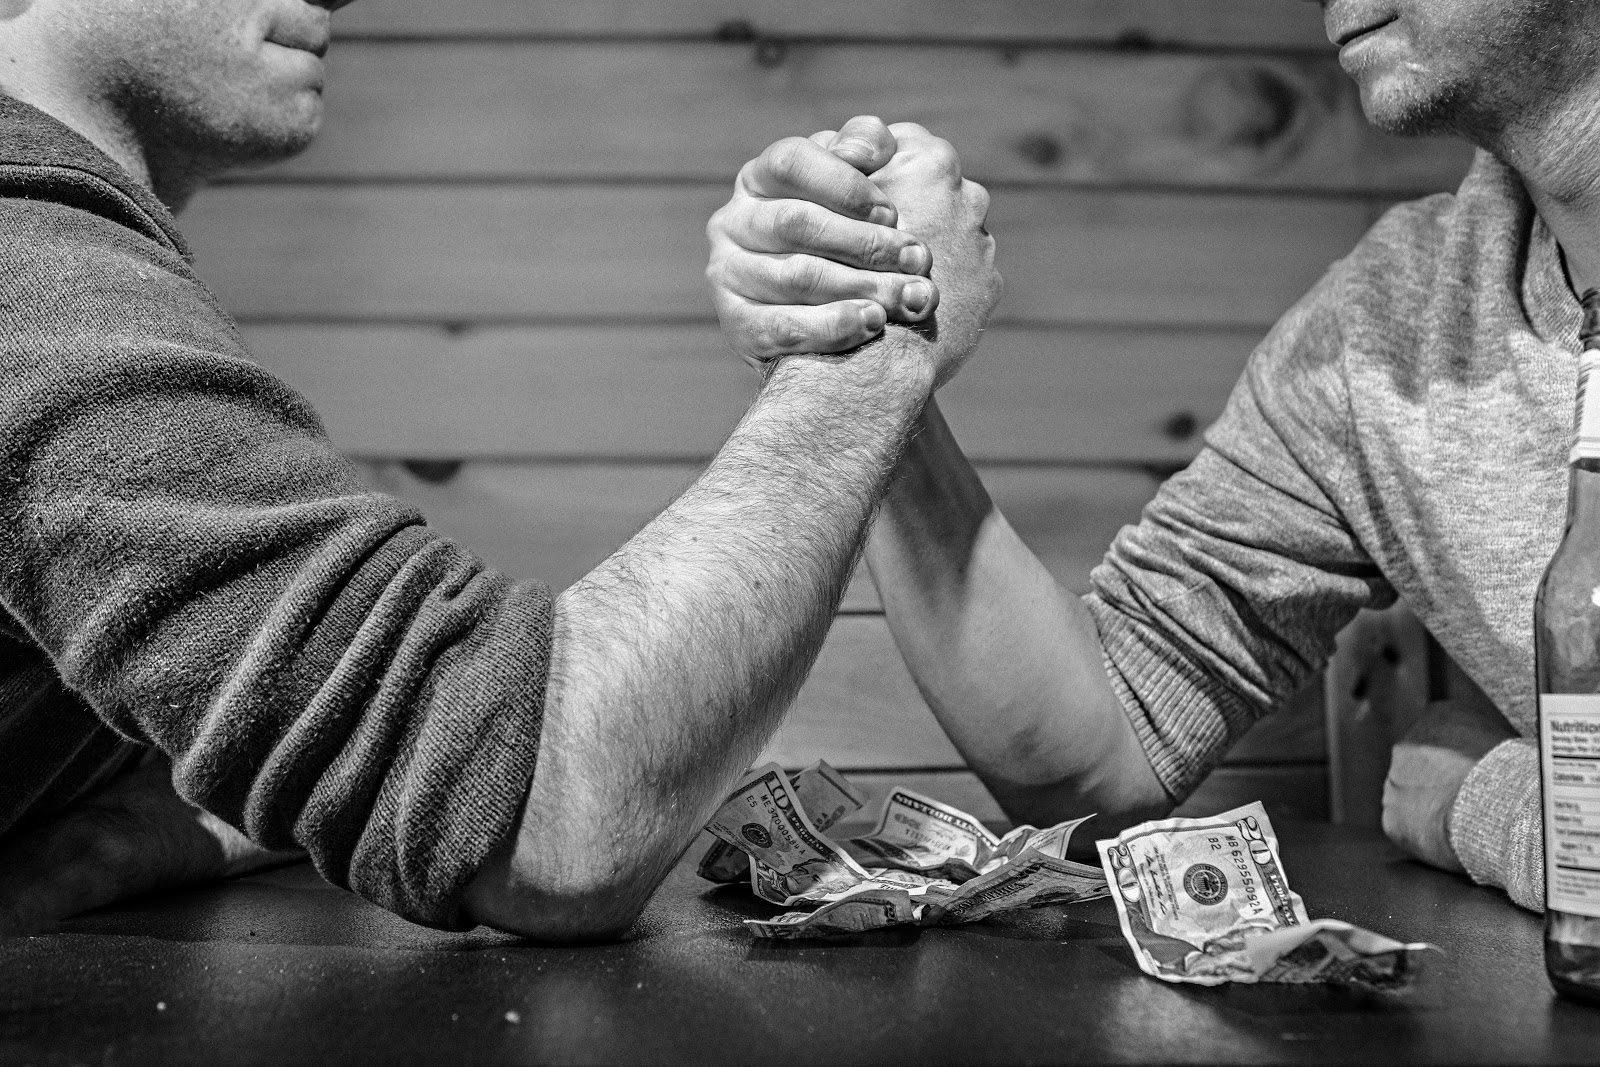 bandit signs article - arm wrestle